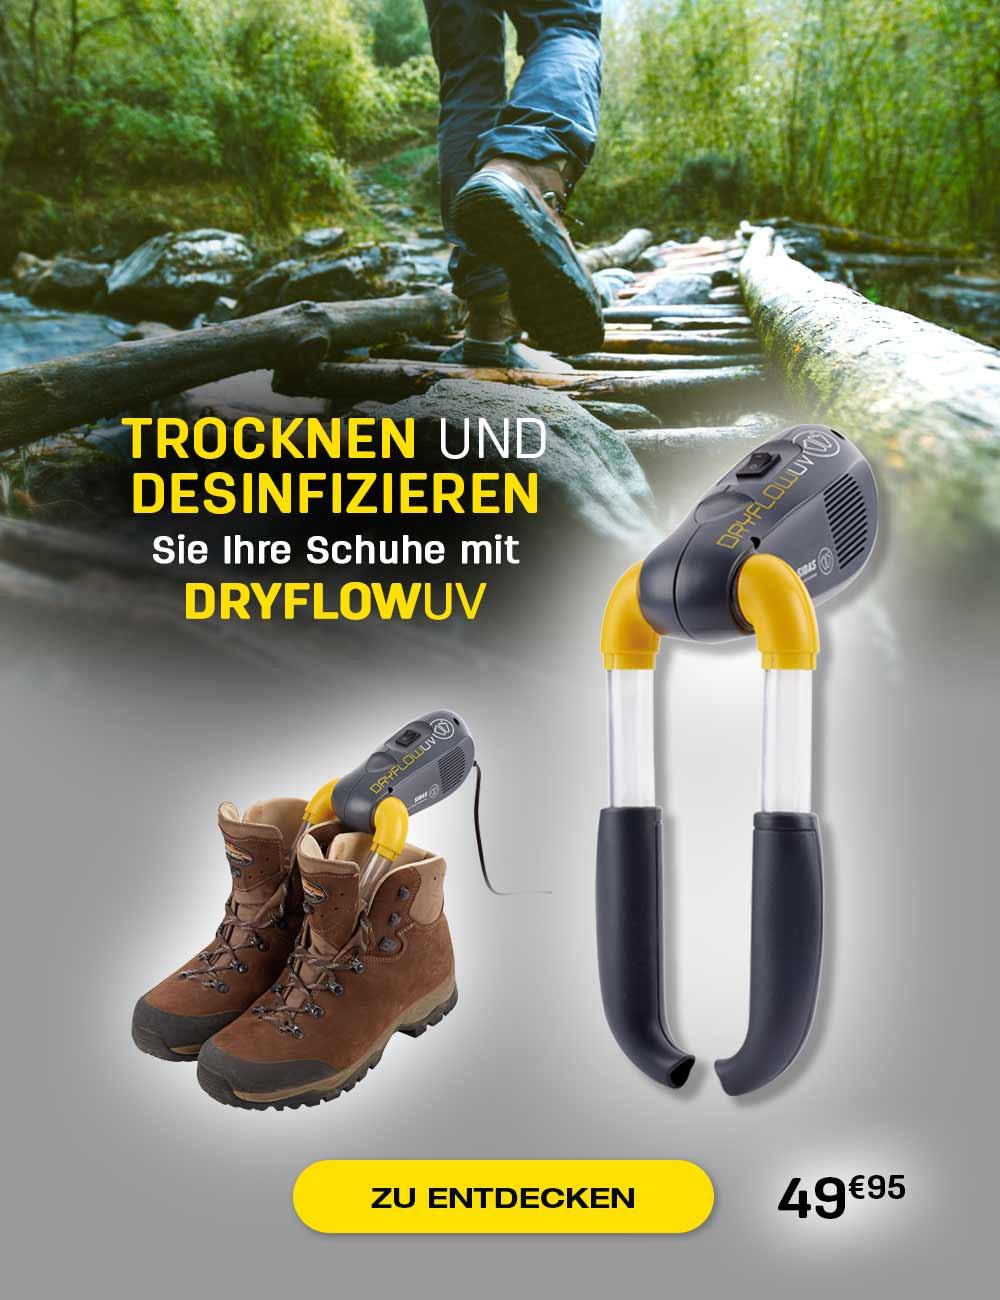 Trocknen und desinfizieren Sie Ihre Schuhe mit DRYFLOW UV